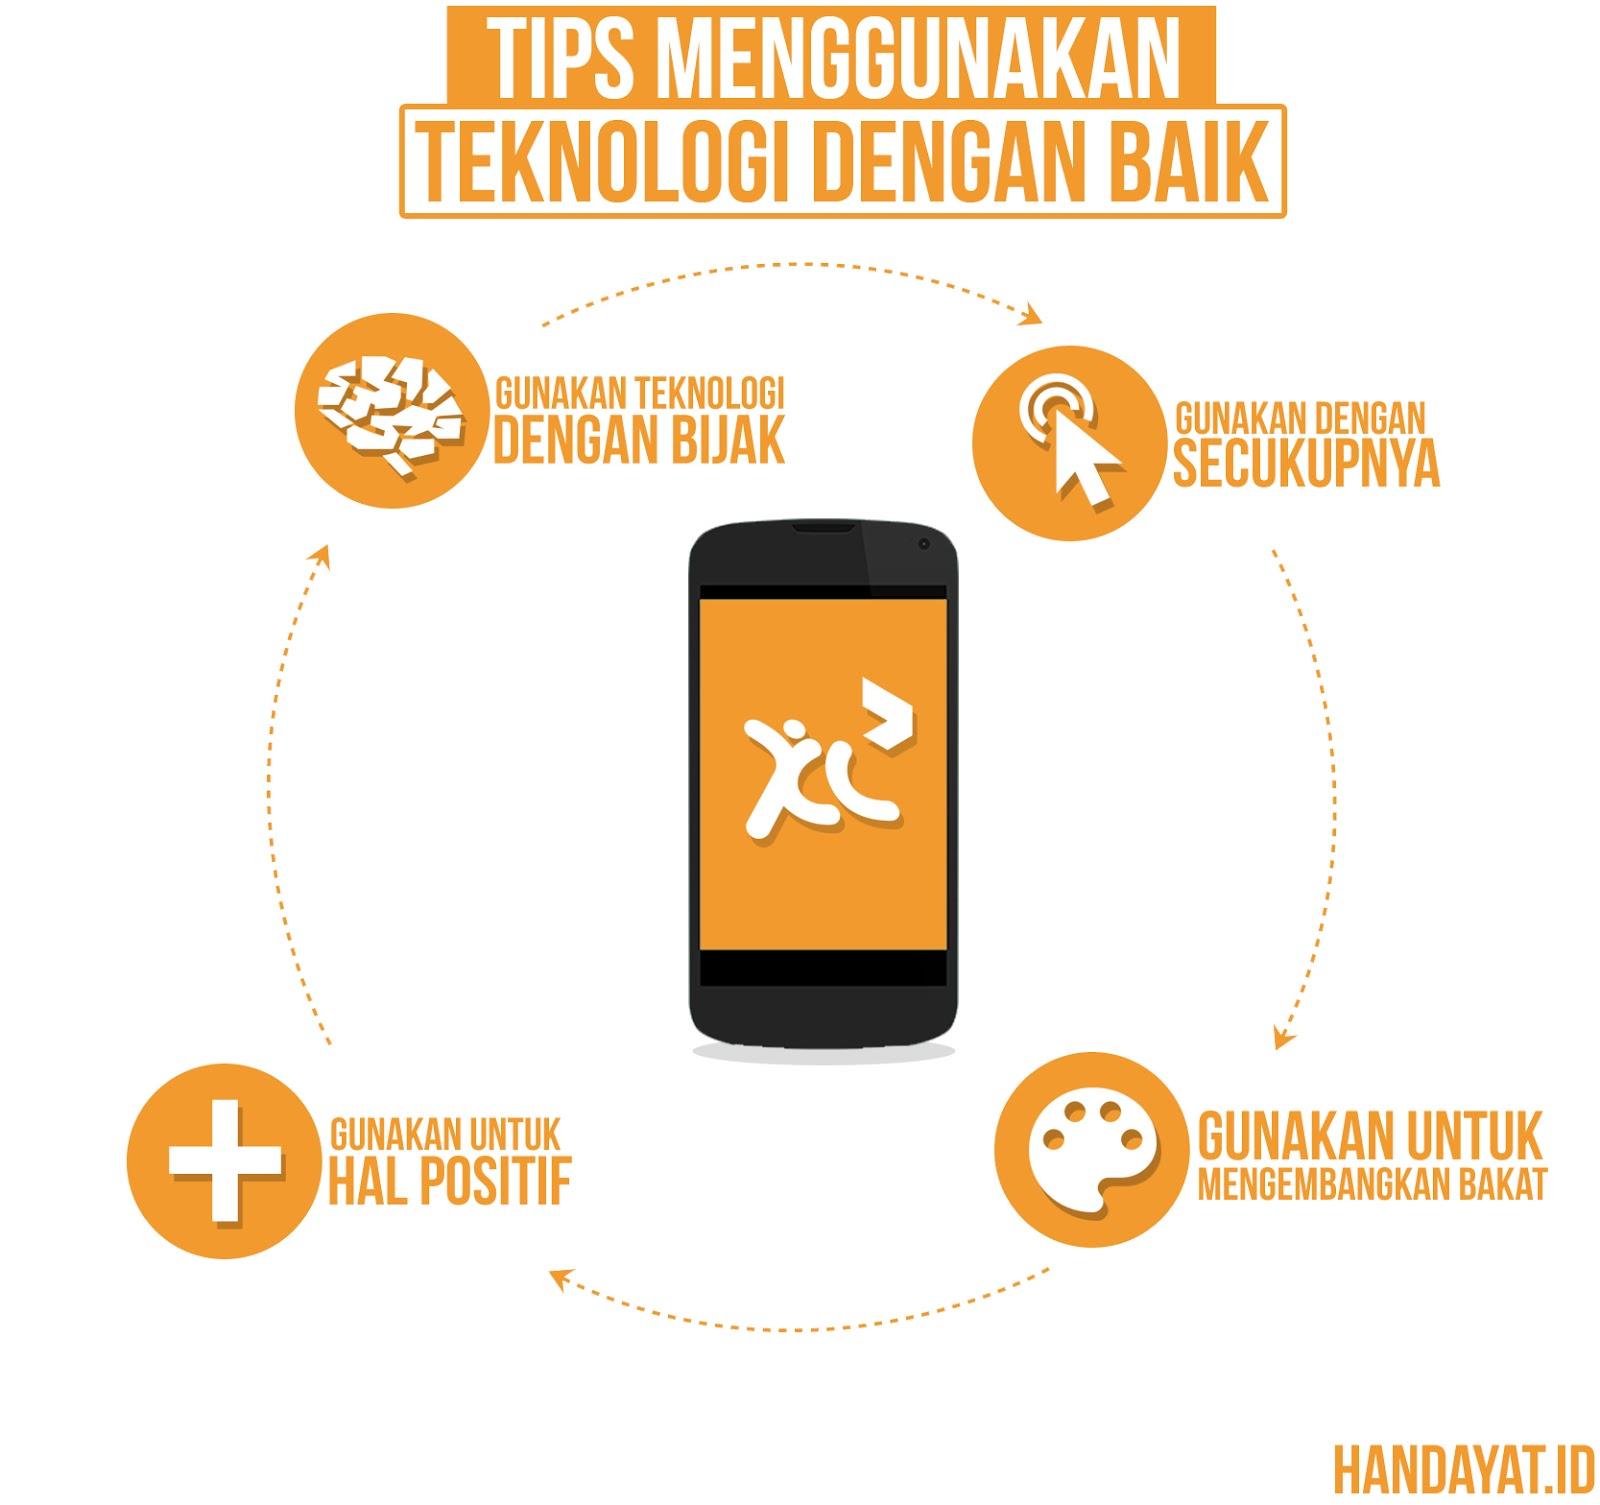 Membangun Indonesia melalui Teknologi, Informasi dan Komunikasi,Bisakah? 12